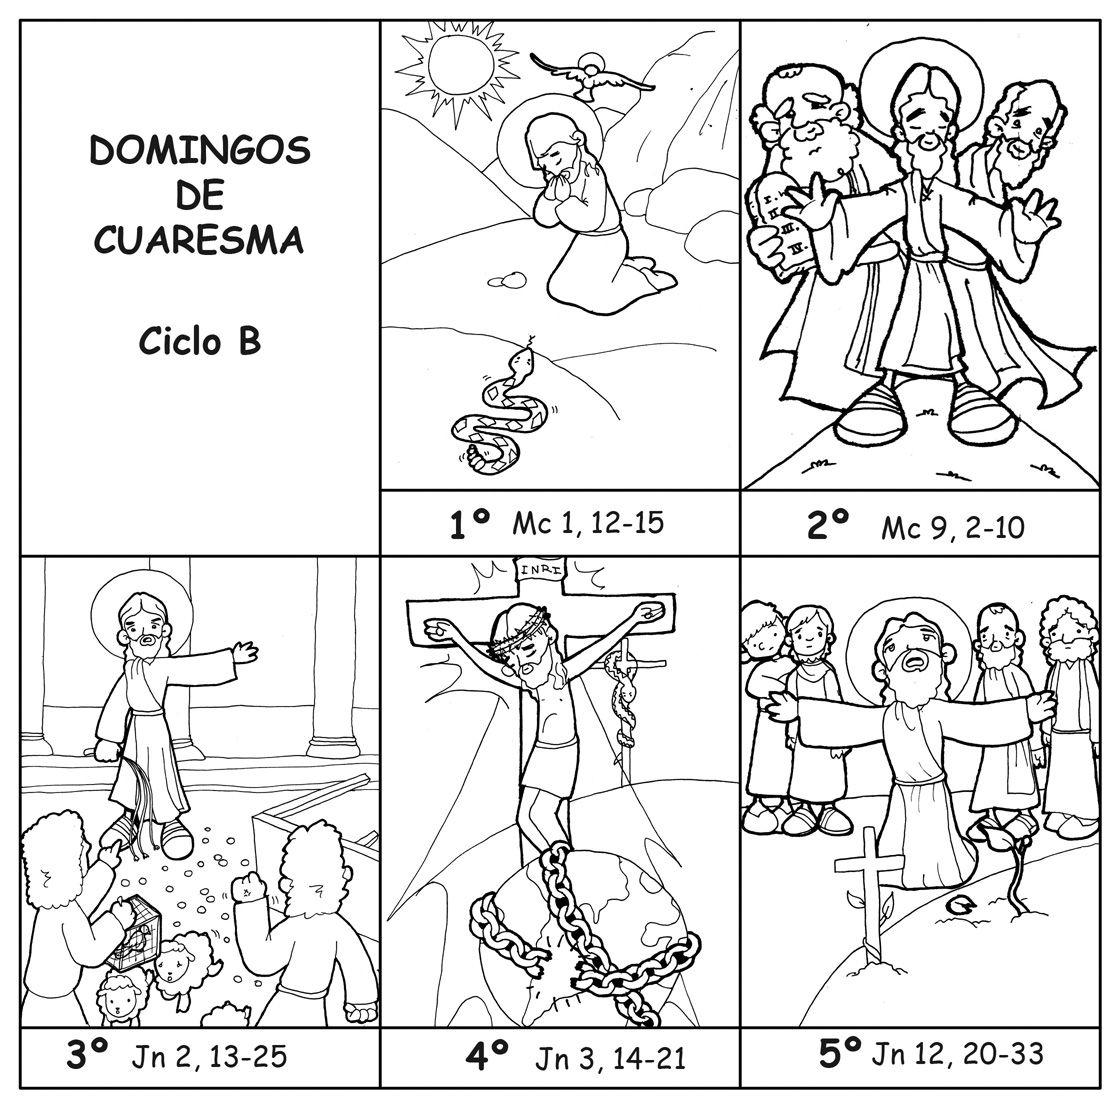 DOMINGOS DE CUARESMA – CICLO B para pintar. | horaciones | Pinterest ...